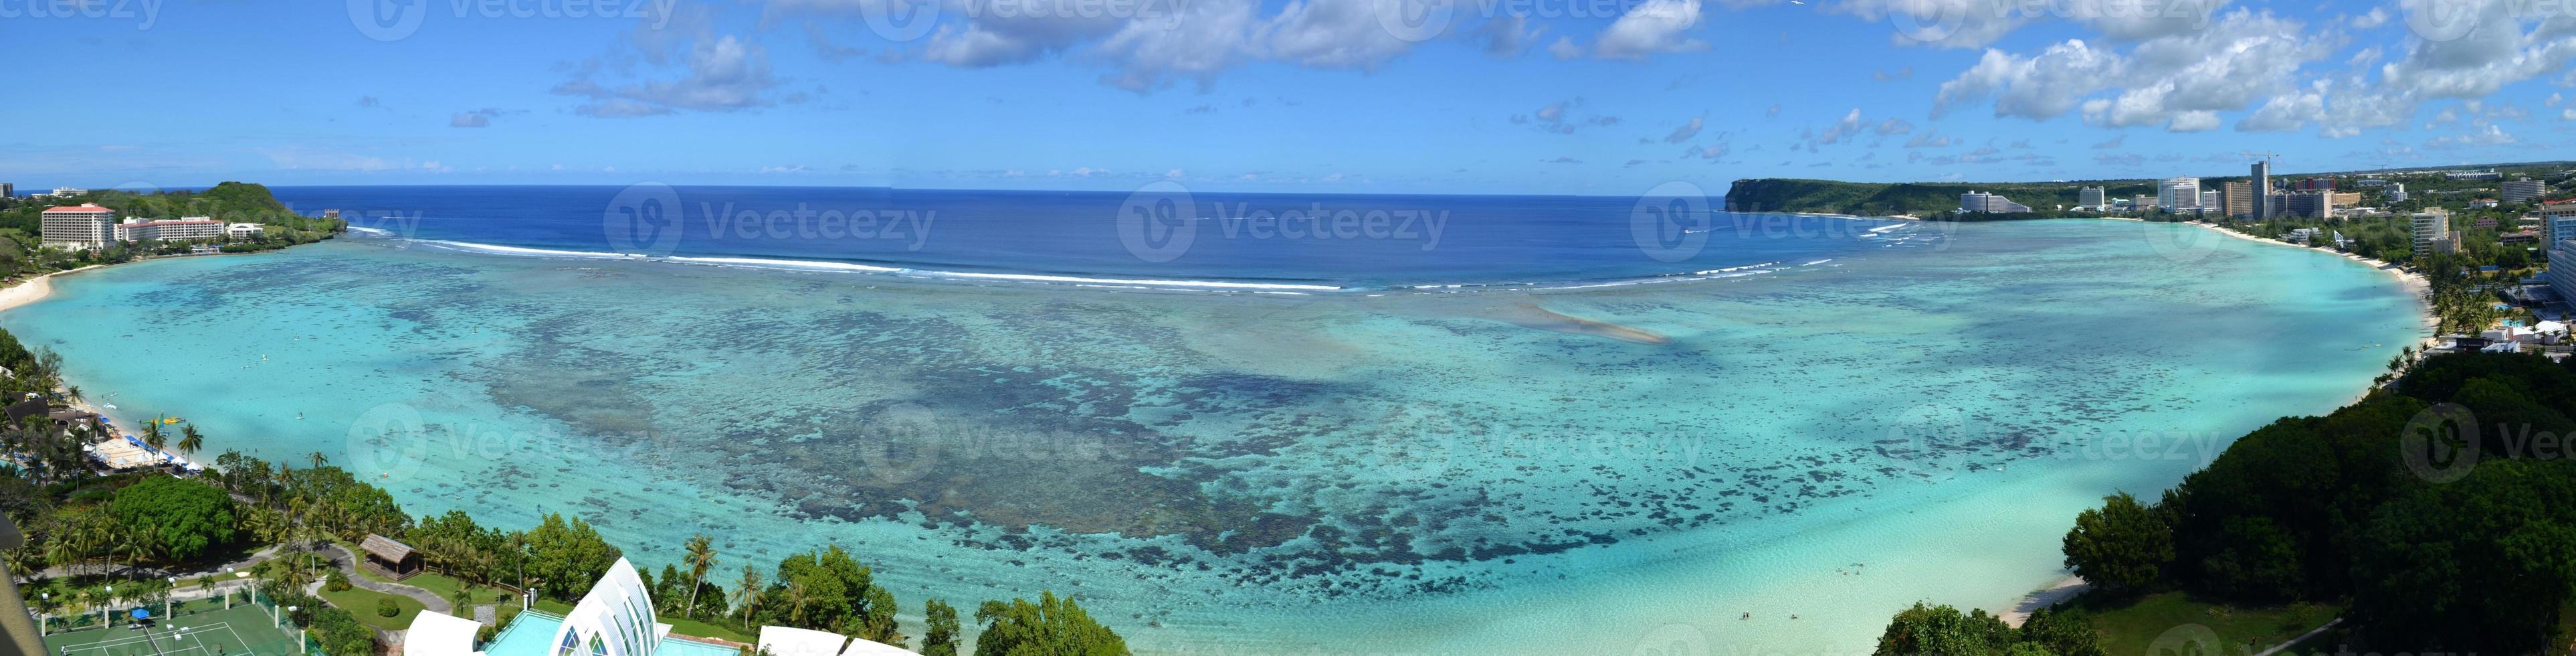 Baía de tumores, Guam foto